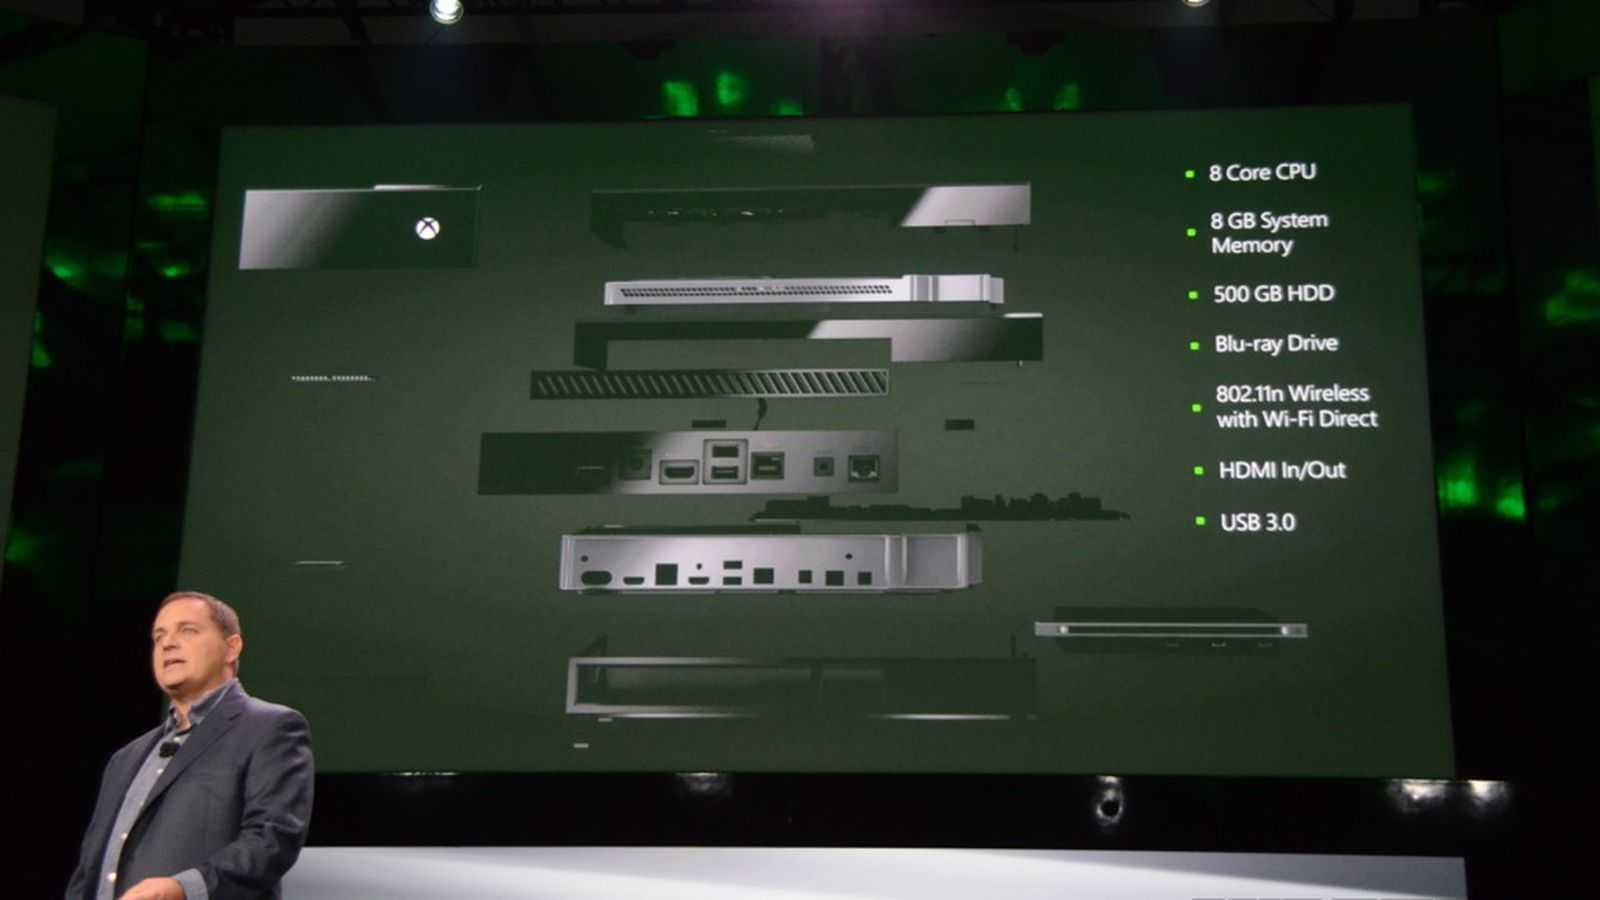 Первые слухи о возможном выпуске новой версии Xbox стали появляться еще в прошлом году Наконец-то представители компании Microsoft подтвердили теории и отметили что